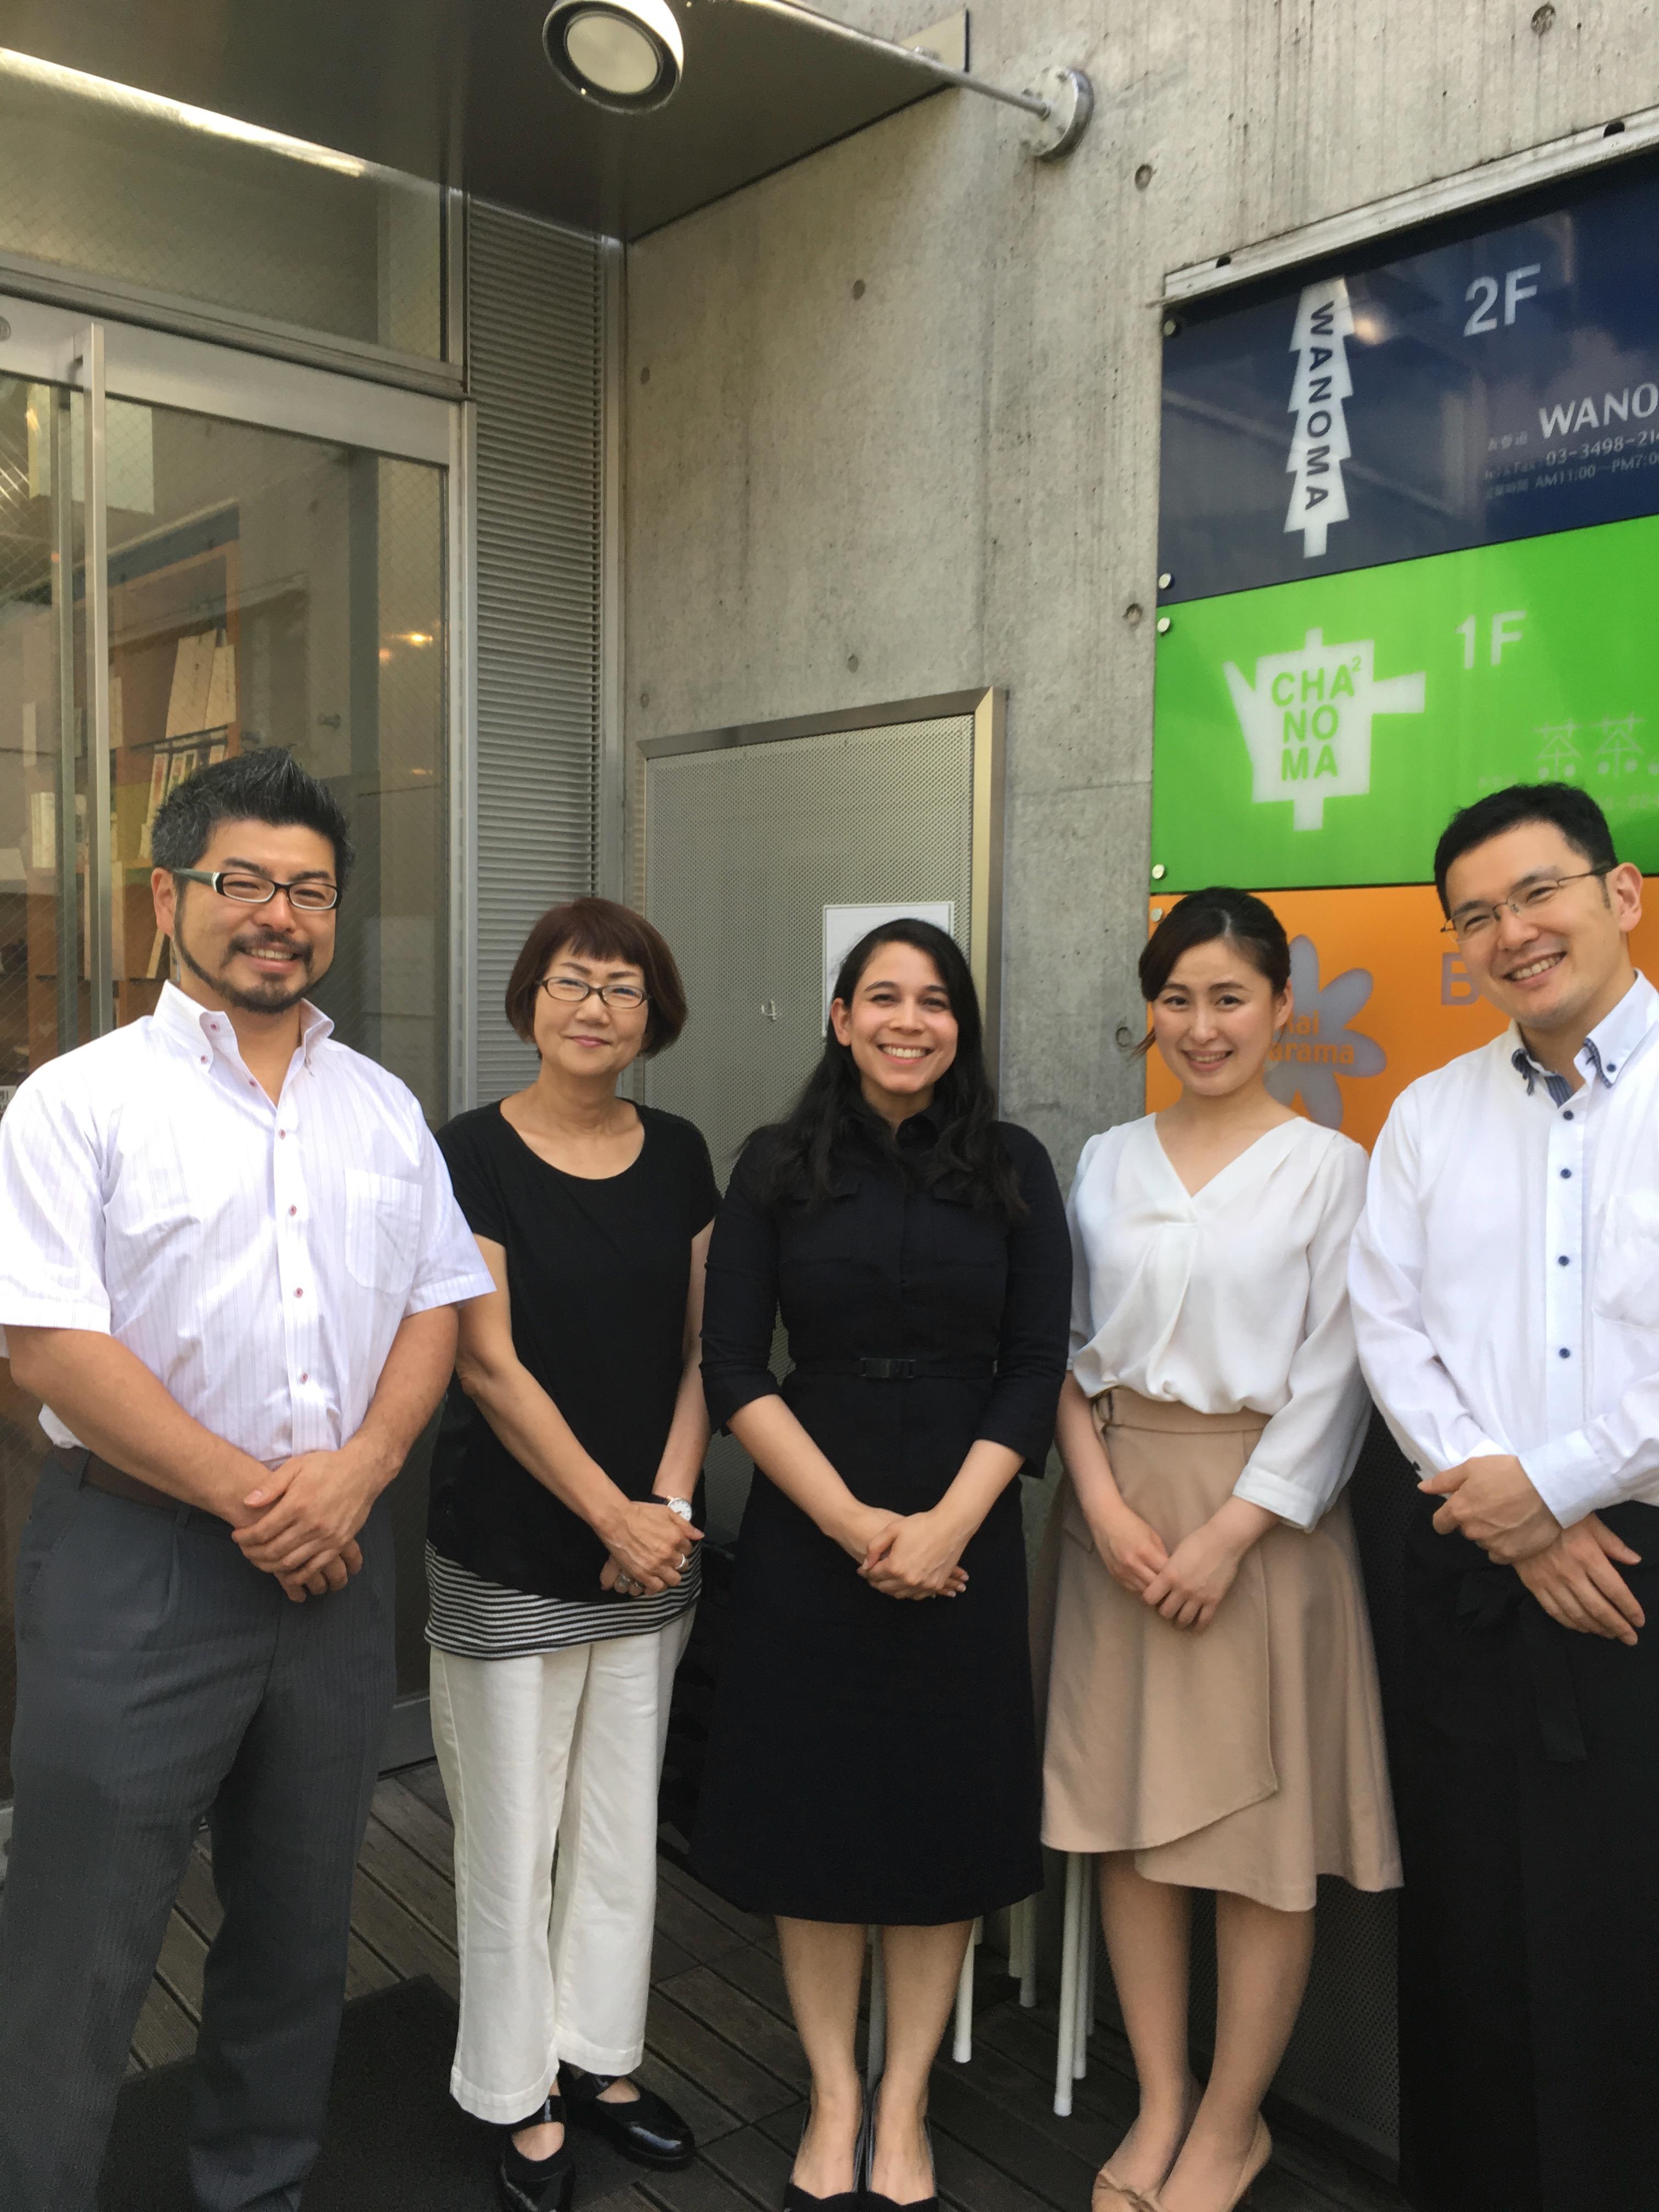 """明治訪問及び明治カカオレッスン参加 (Visitamos a Meiji y participamos a """"Meiji Cacao Lesson"""")"""